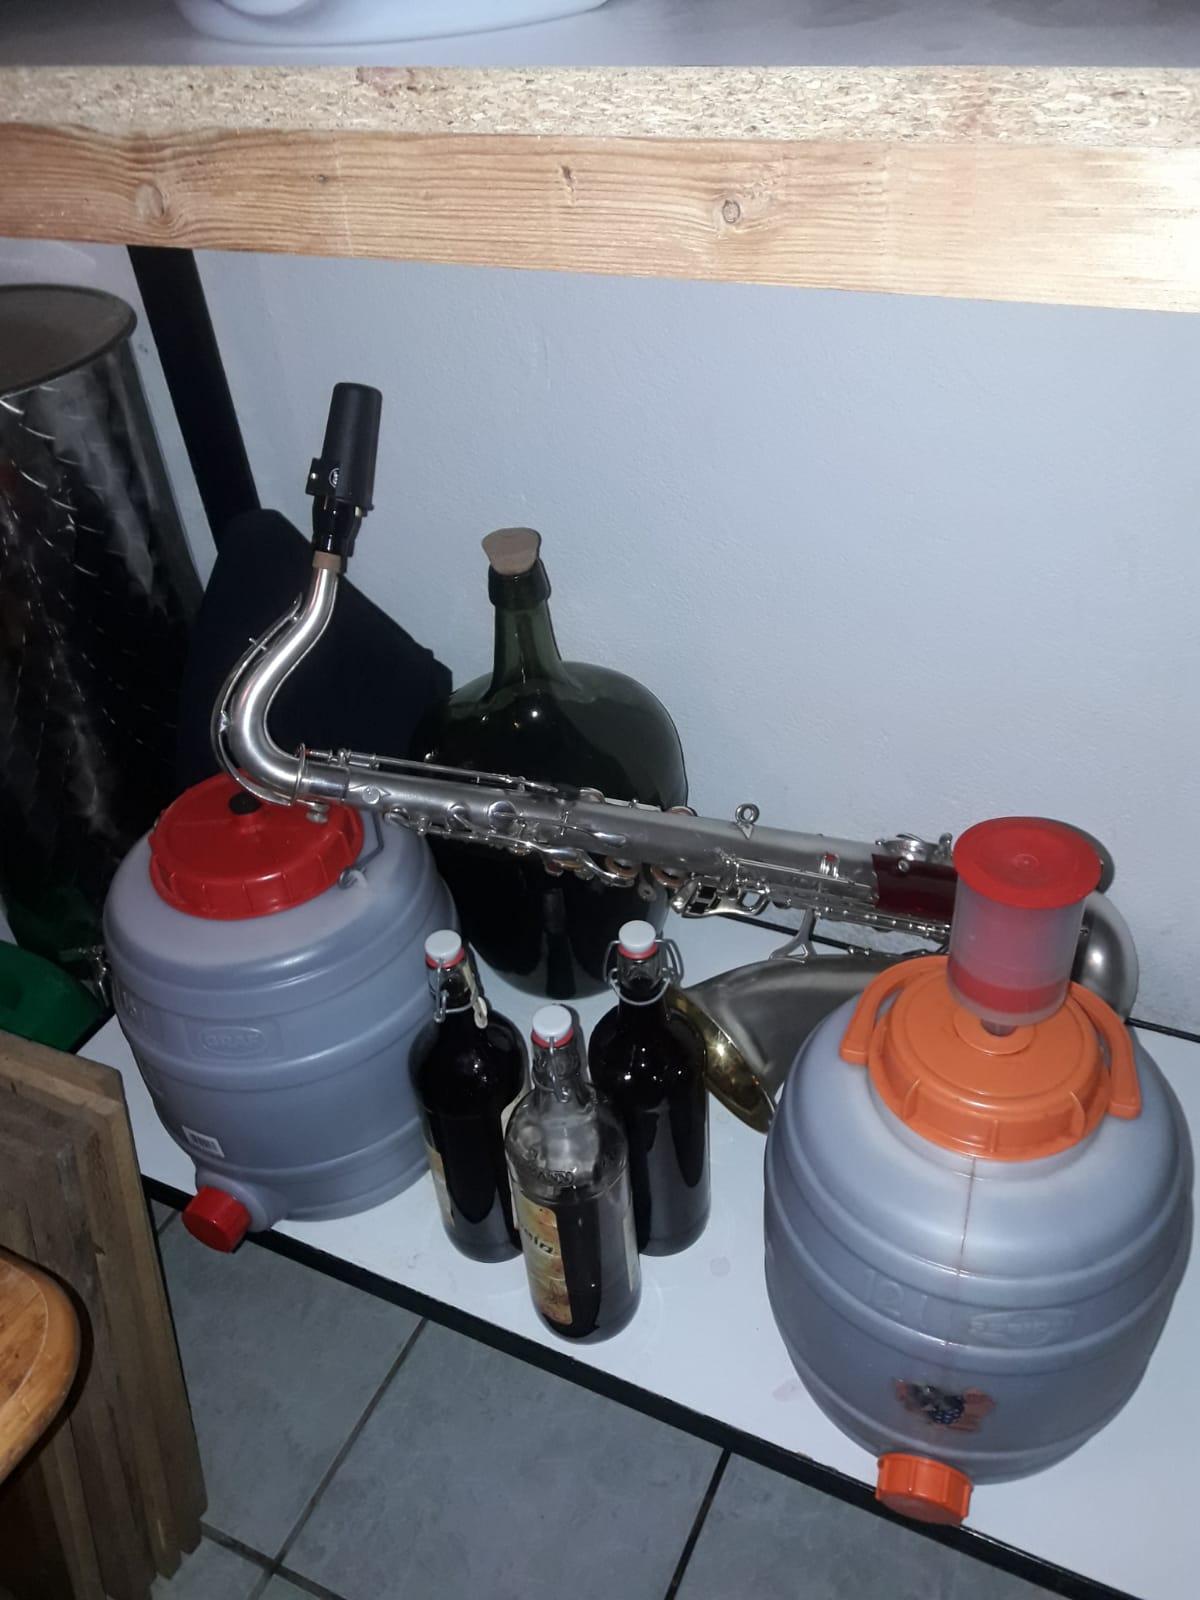 Ohjee, hier wurde wohl im Weinkeller geübt. Auf die Probe-Ergebnisse sind wir gespannt. ;-)  Foto: Günter Frankovsky